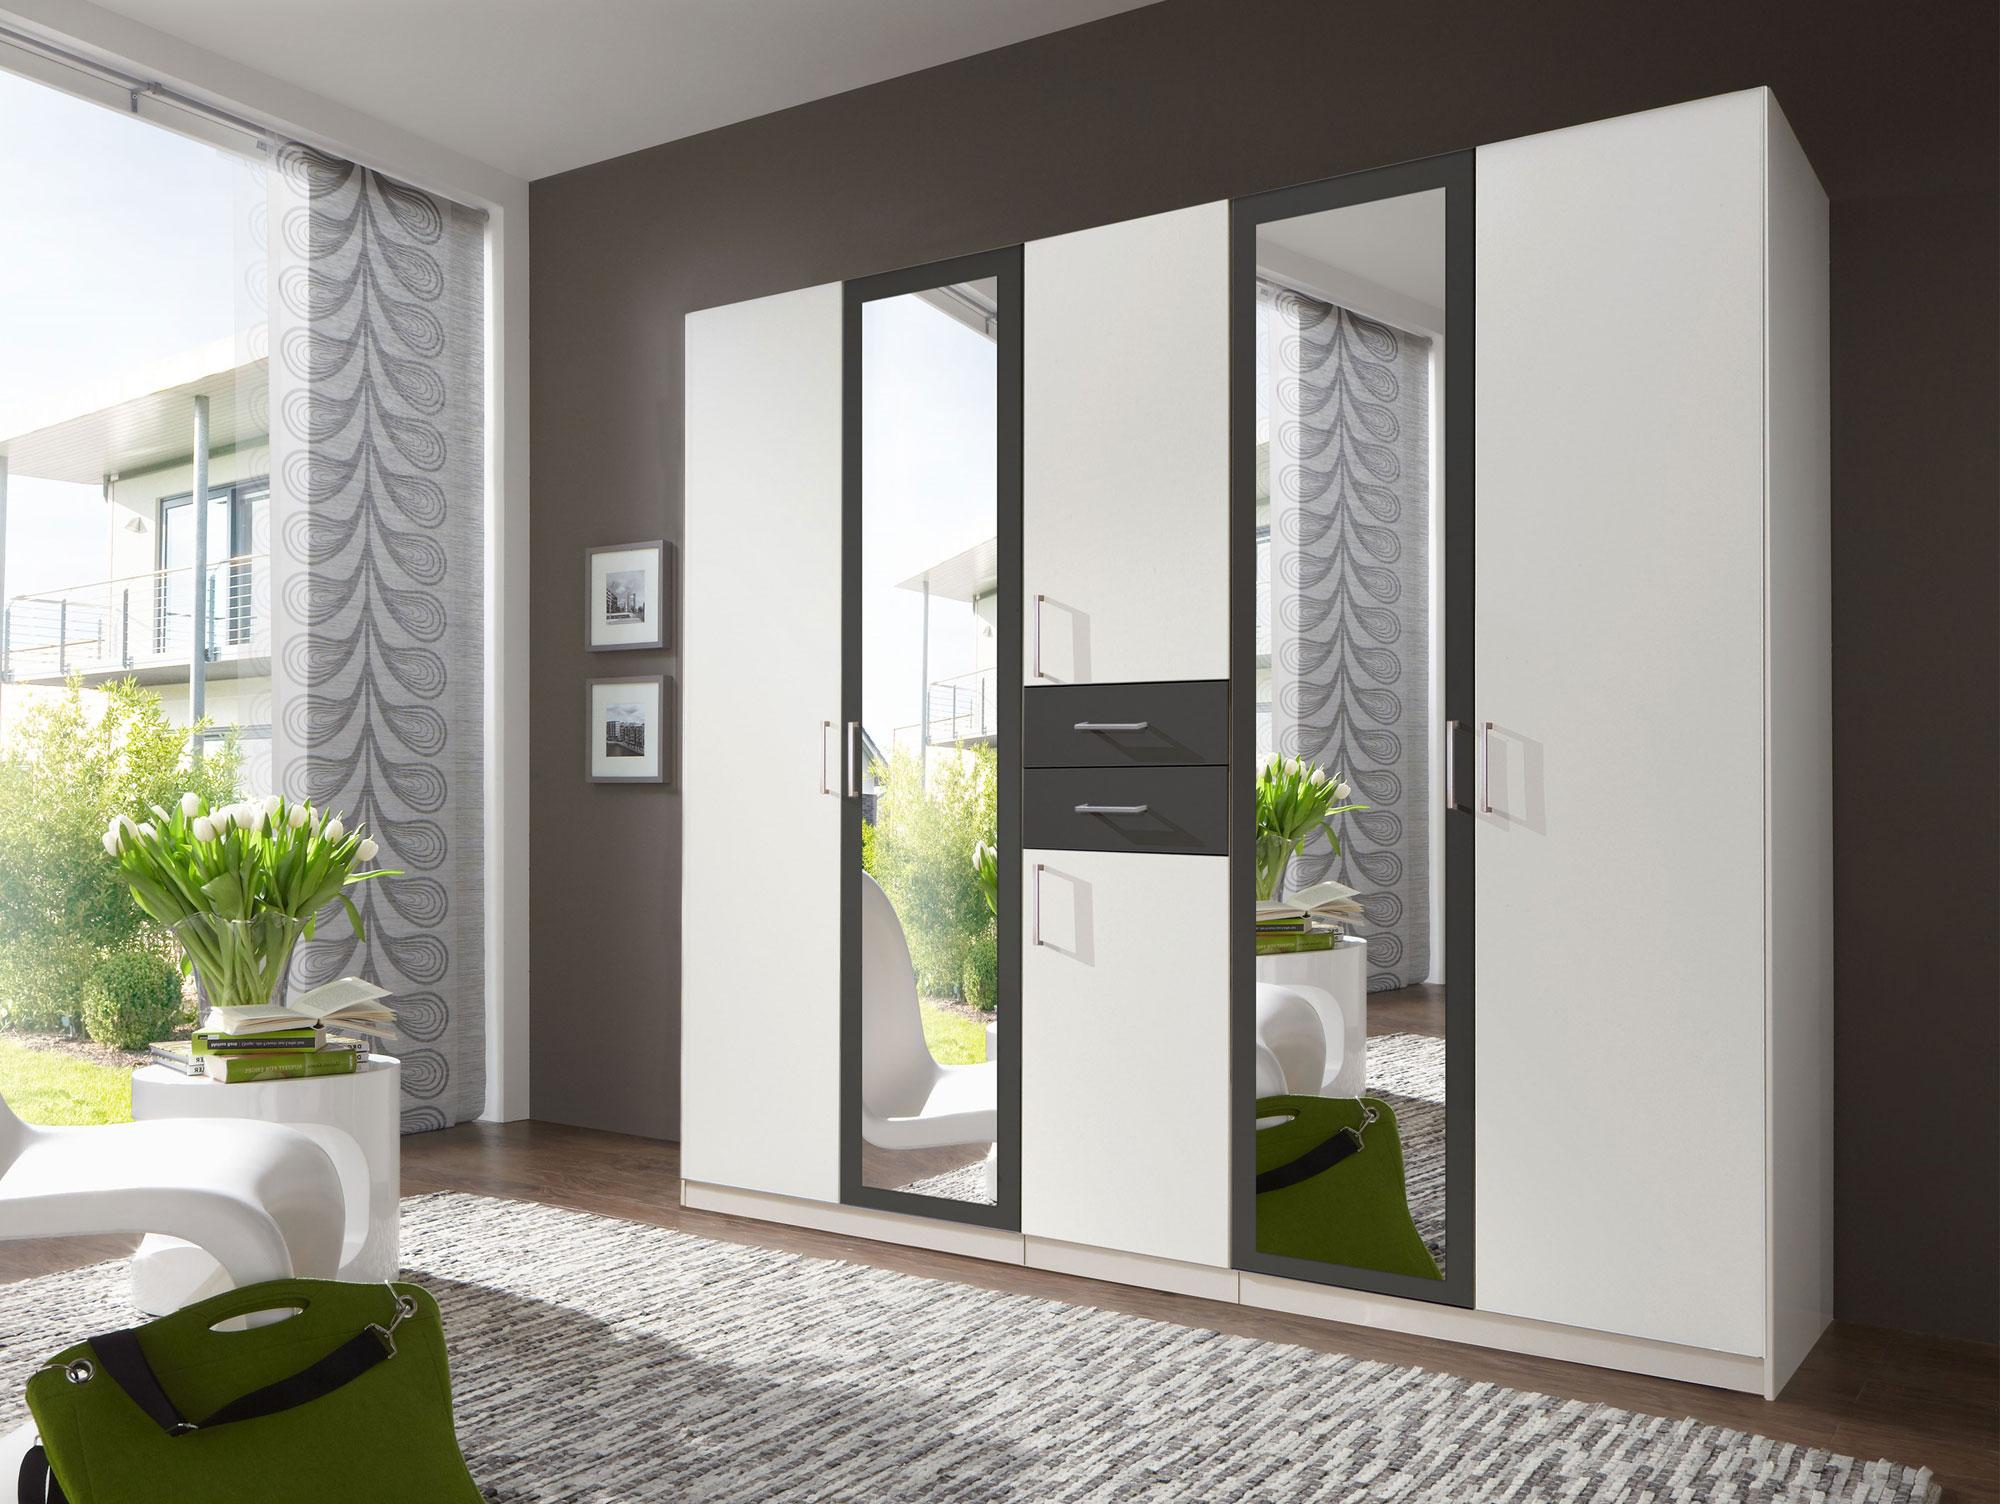 dustin dreht renschrank kleiderschrank schrank wei grau. Black Bedroom Furniture Sets. Home Design Ideas